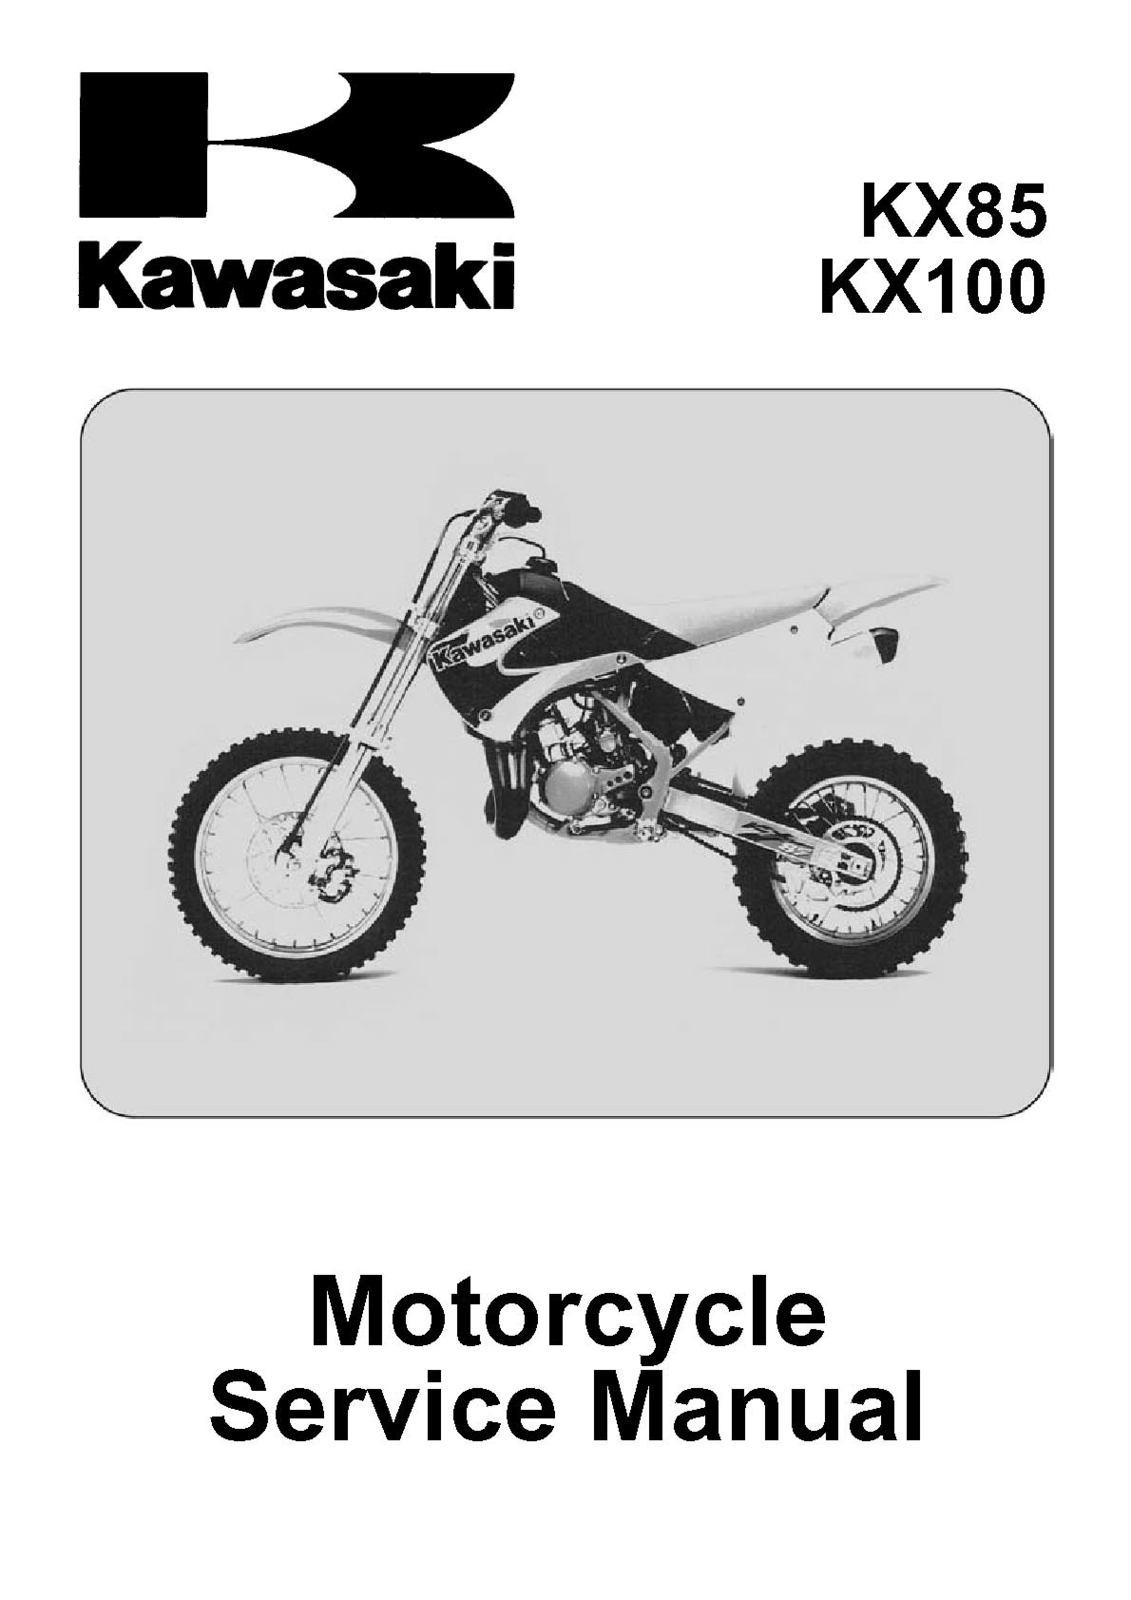 Kawasaki Kx 85 User Manual